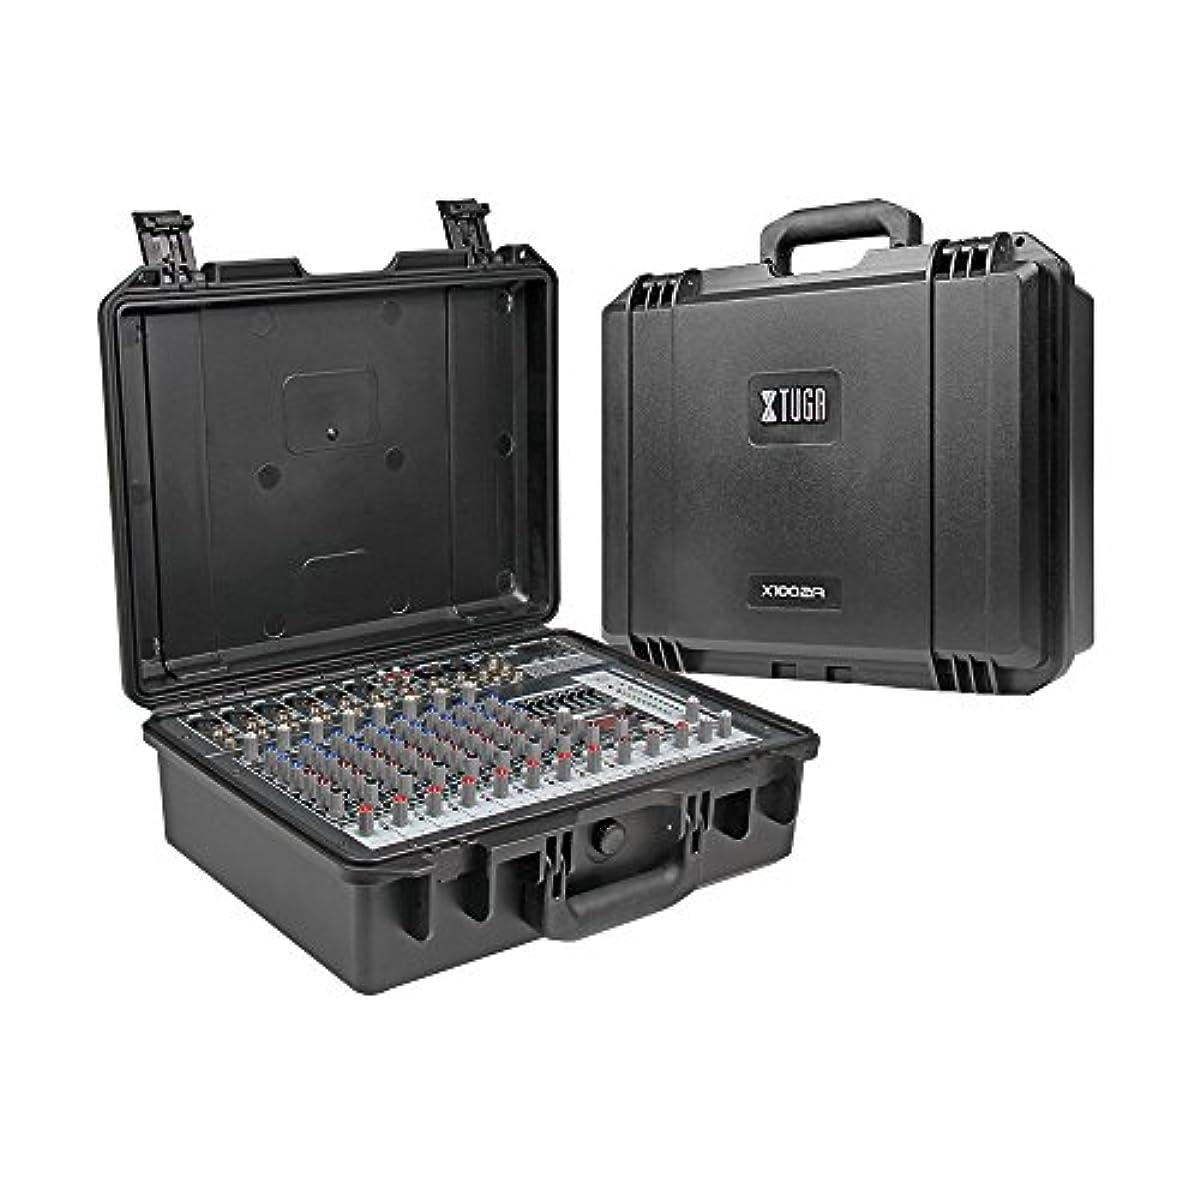 [해외] XTUGA X1002A 포터블 손에 쥐는식 조율대 BLUETOOTH와 USB 10채널 파워 앰프부 325W * 2 8OHM 다기능 프로패셔널 사운드 콘솔블랙